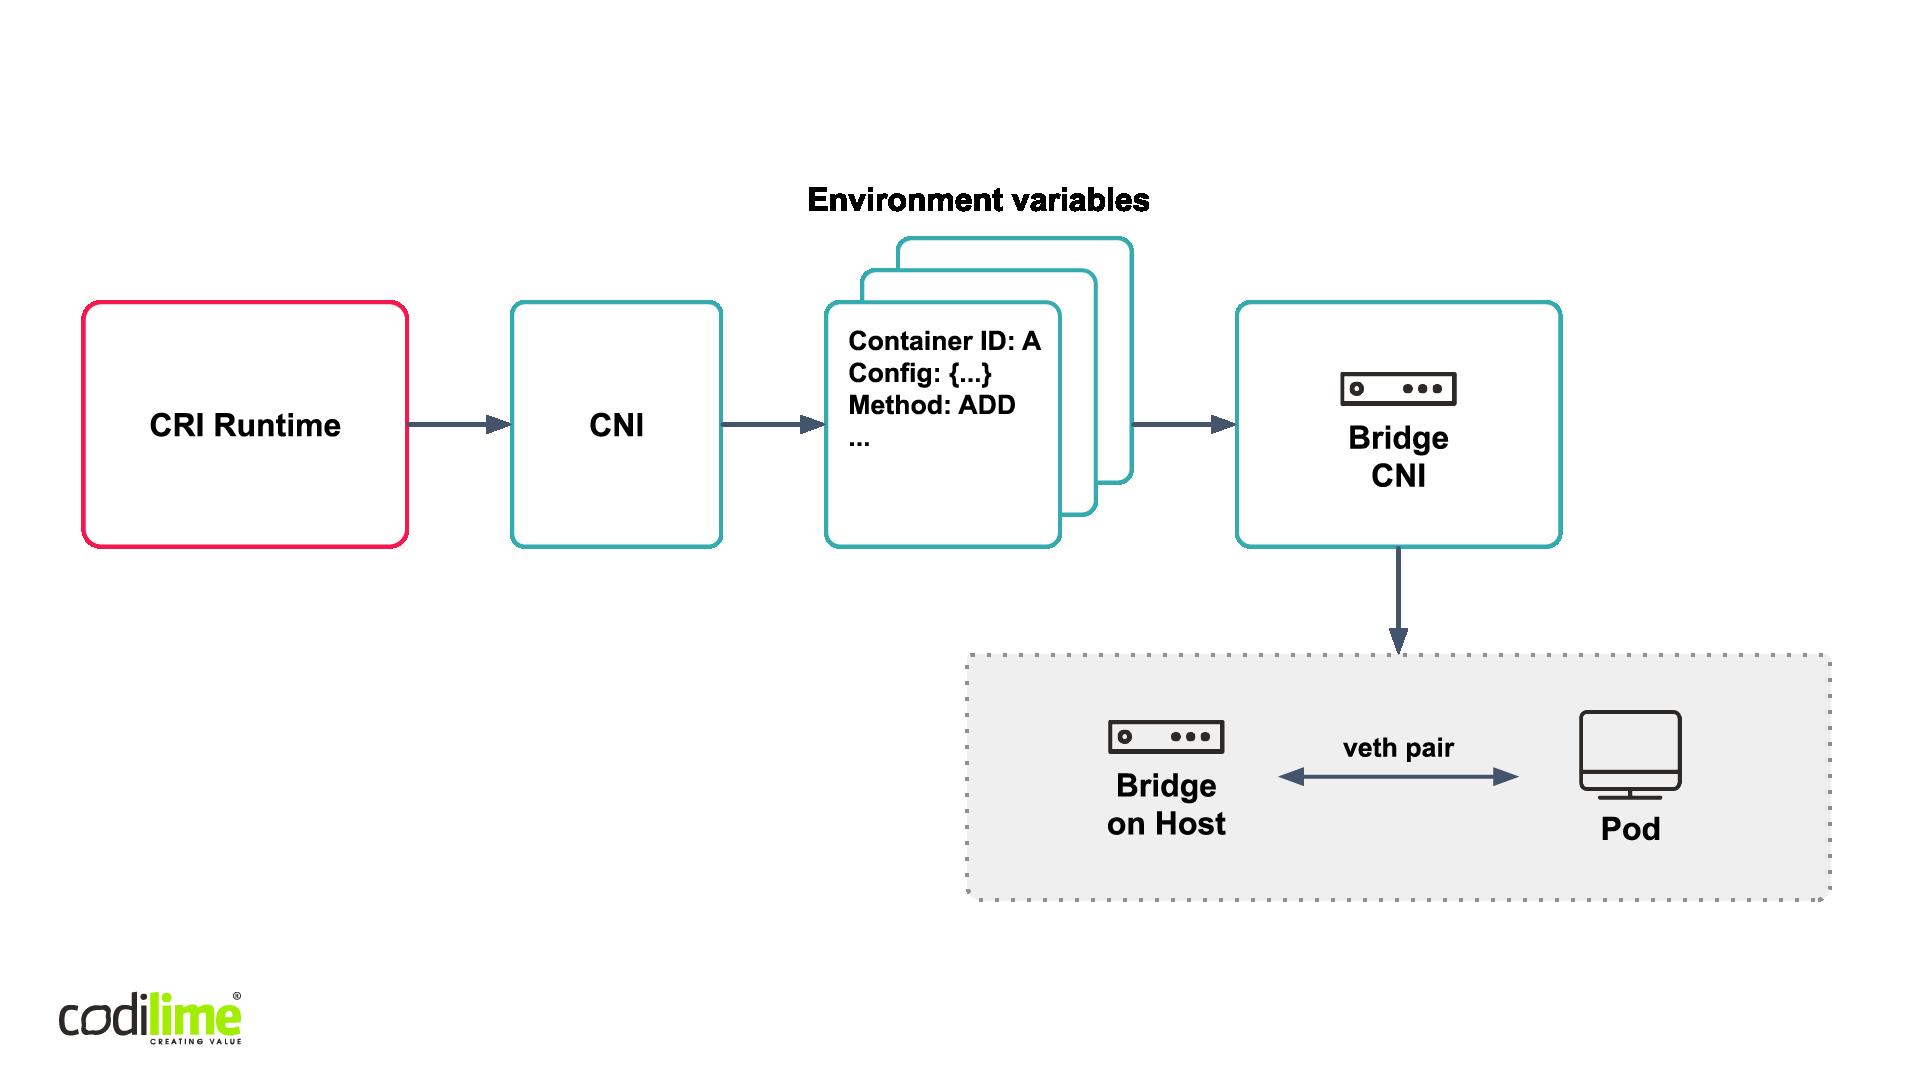 The Bridge CNI plugin